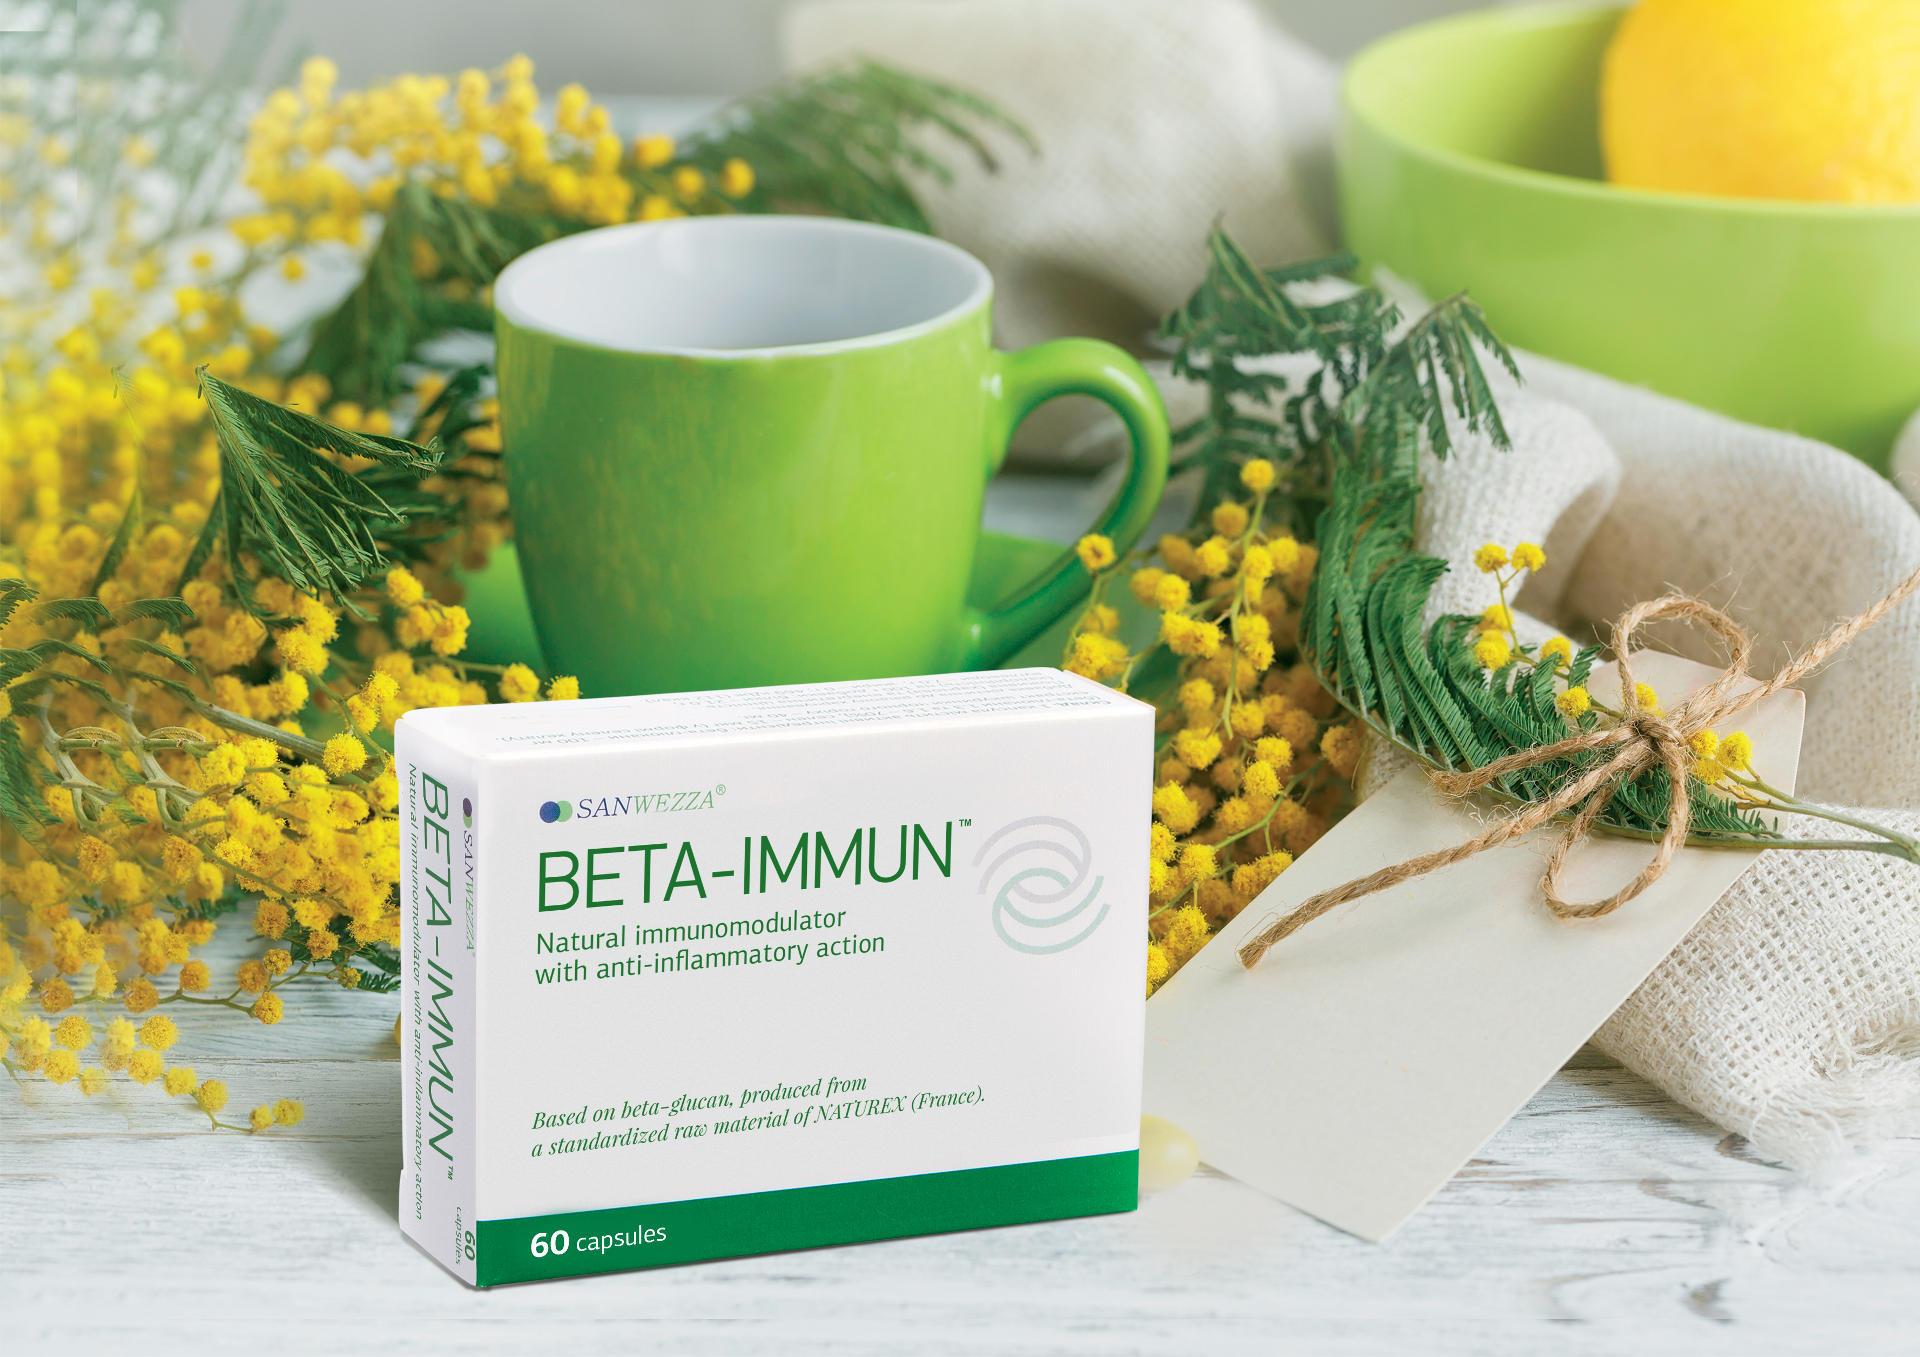 Создание дизайна медицинской упаковки Бета-иммун, Beta-Immun medical packaging design